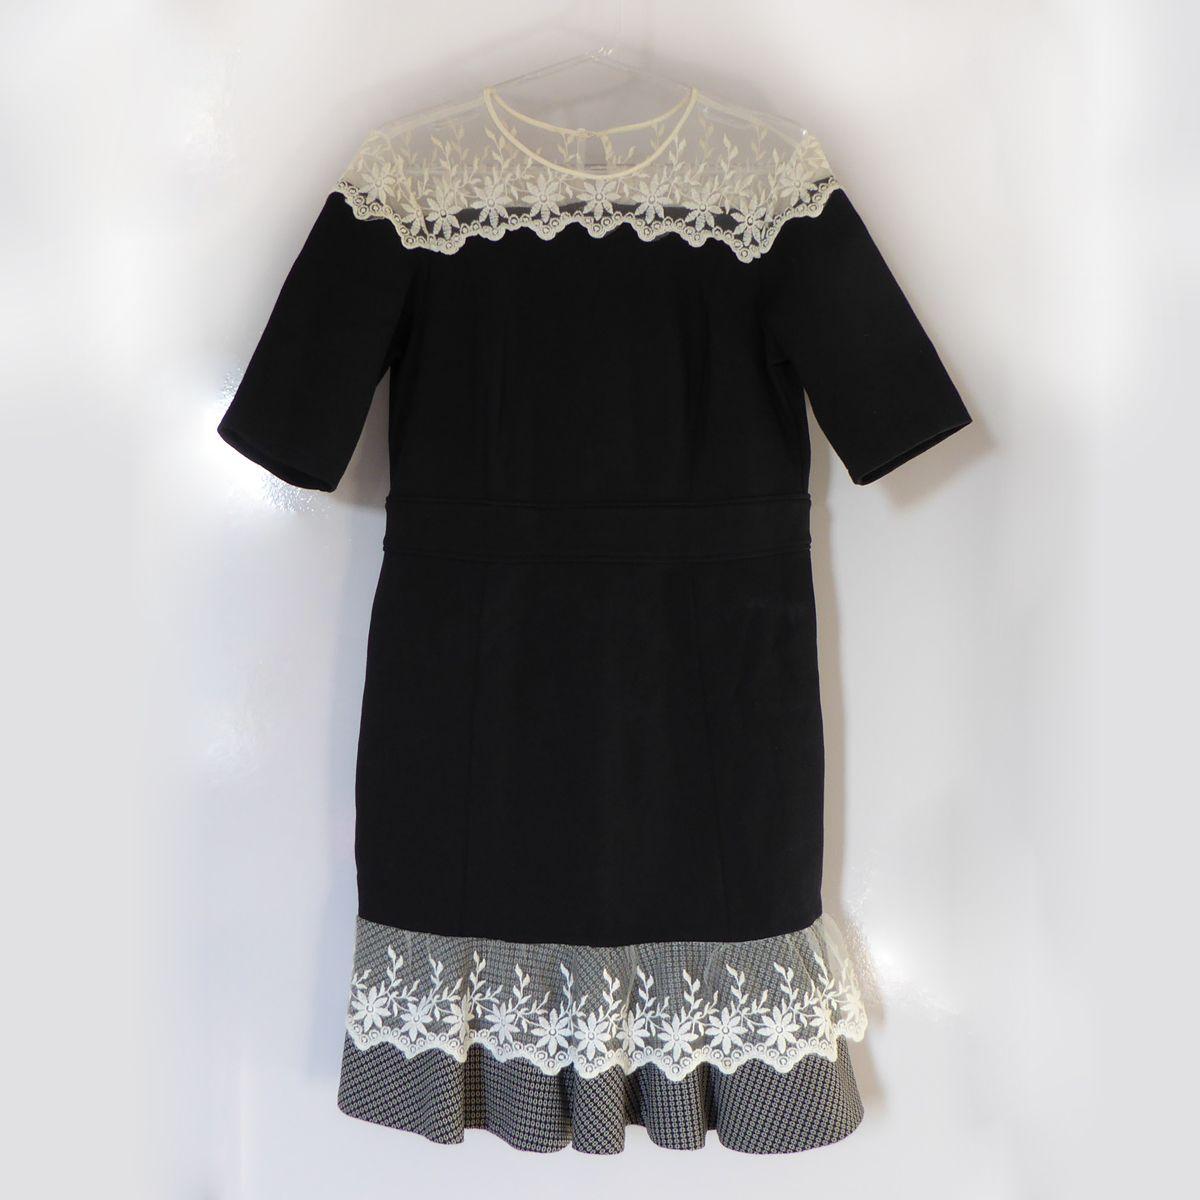 vestido monica negreiros - vestidos monica negreiros